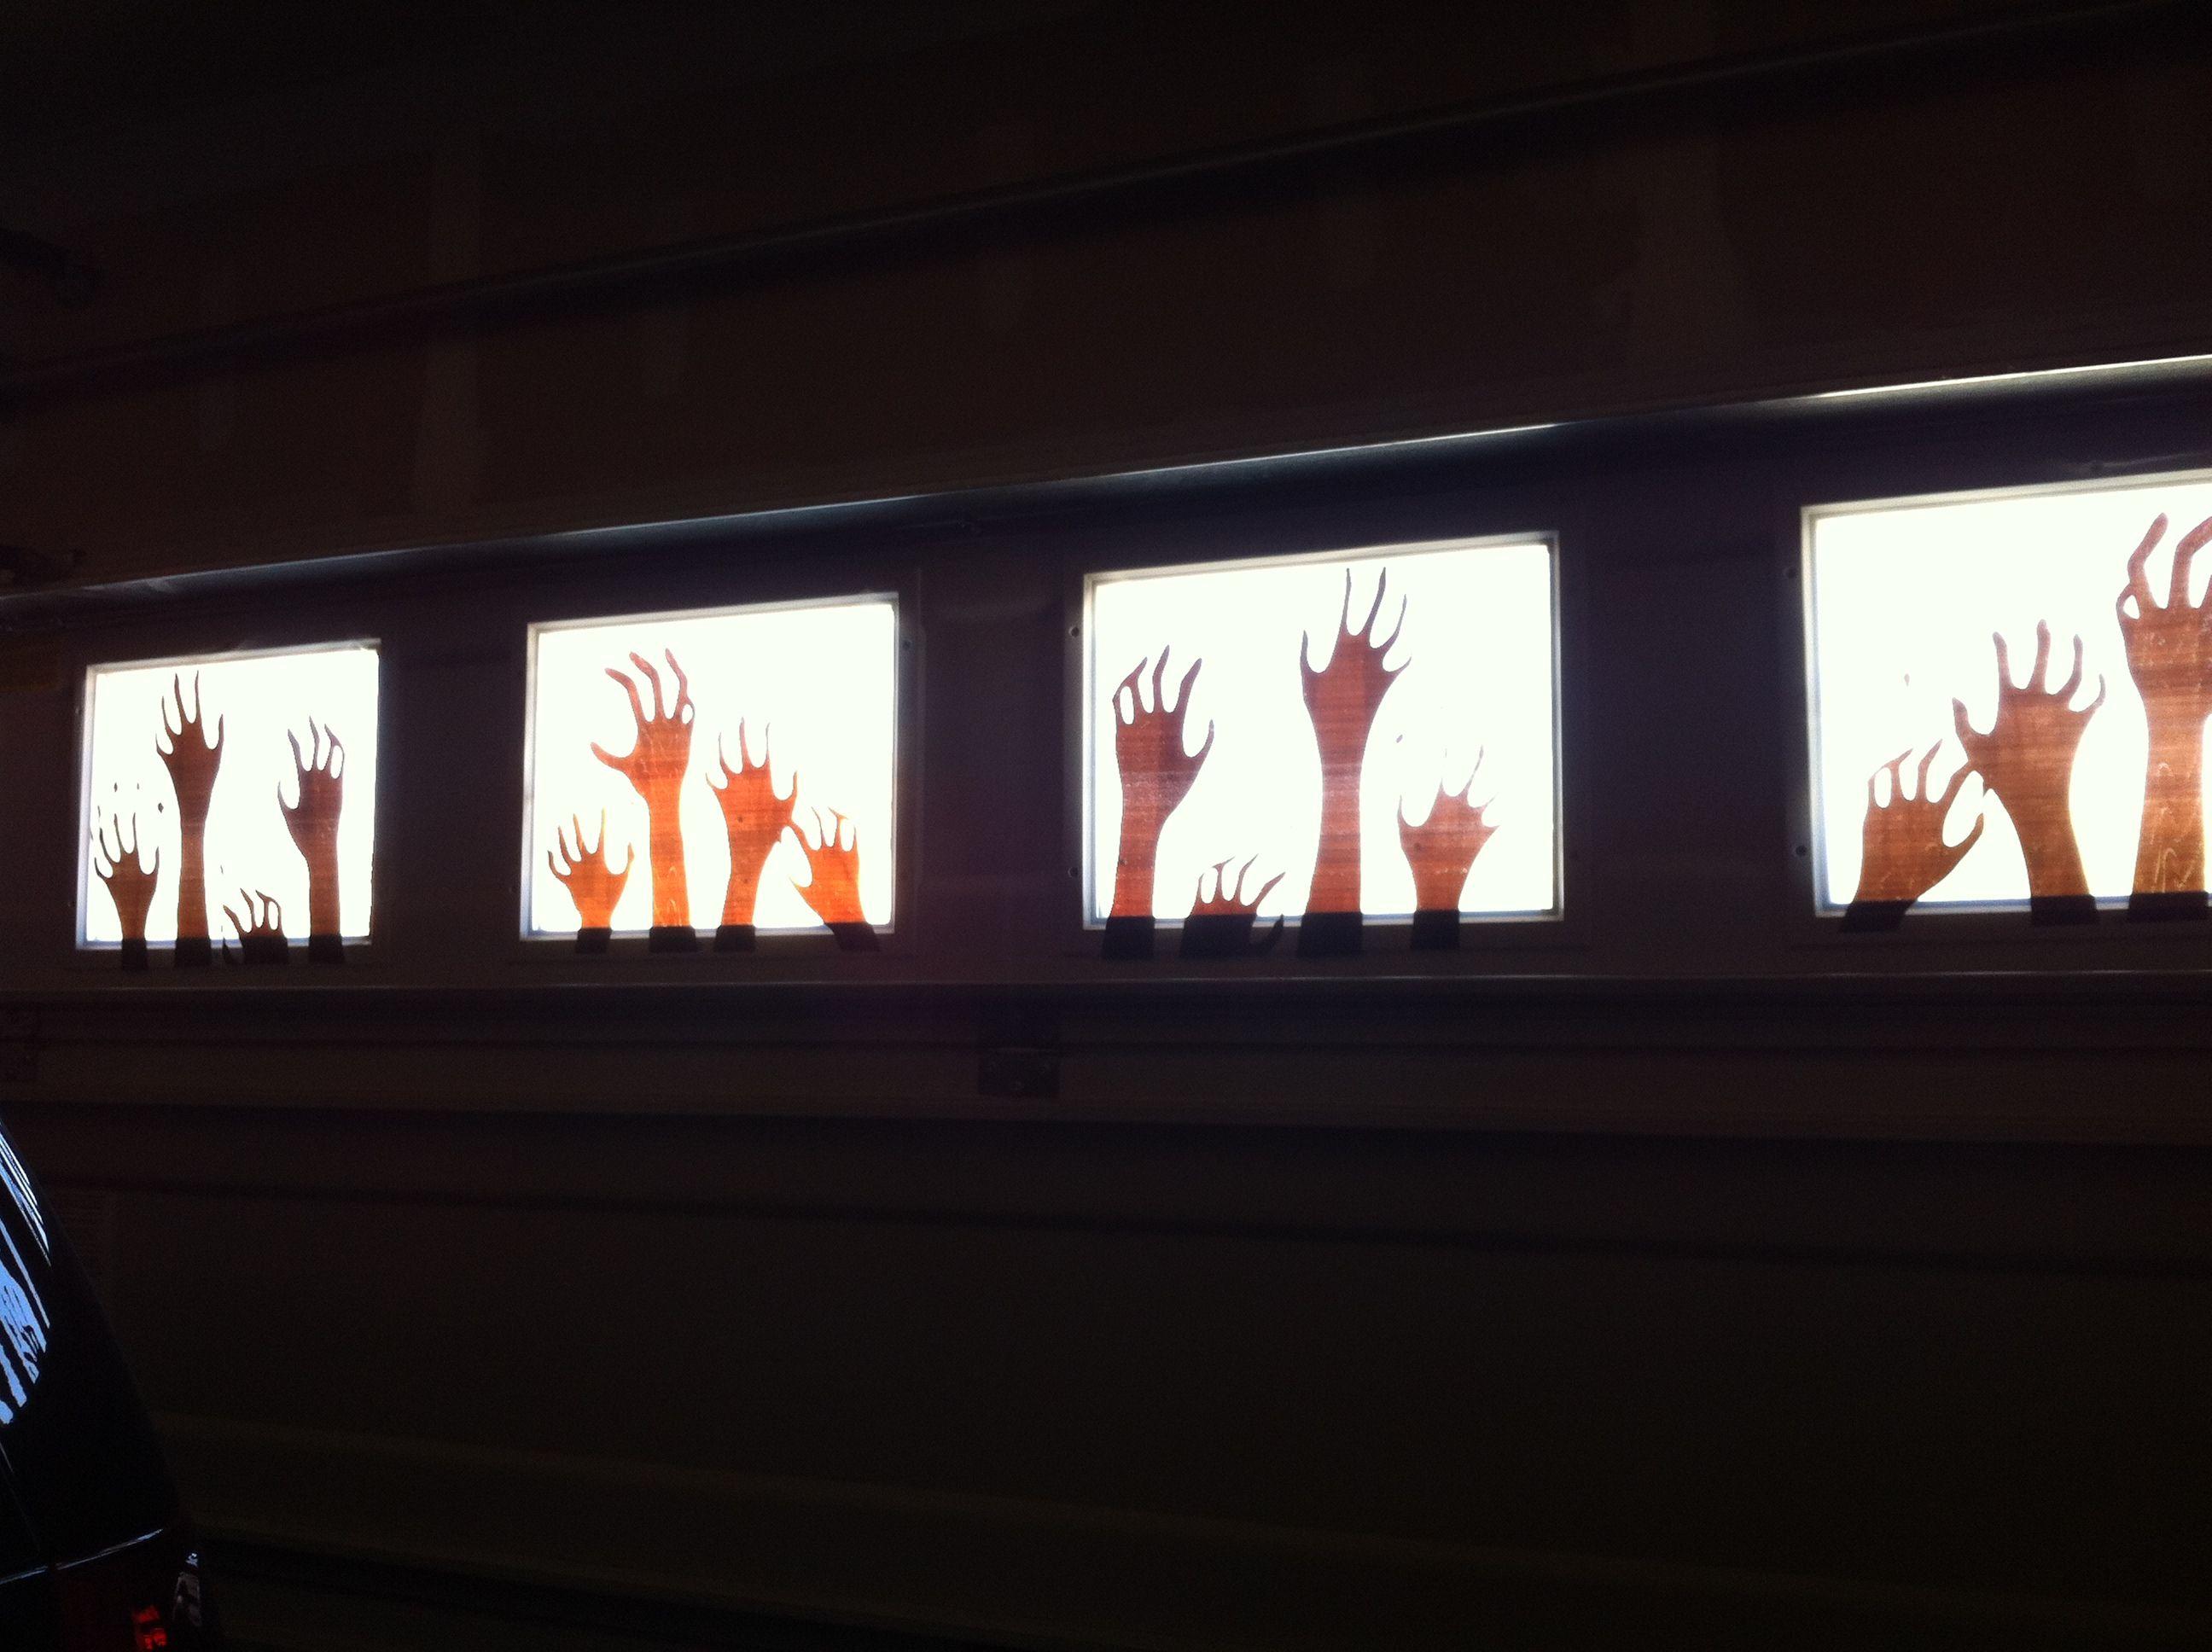 Hands On Garage : Halloween decorations garage window clings scream hands